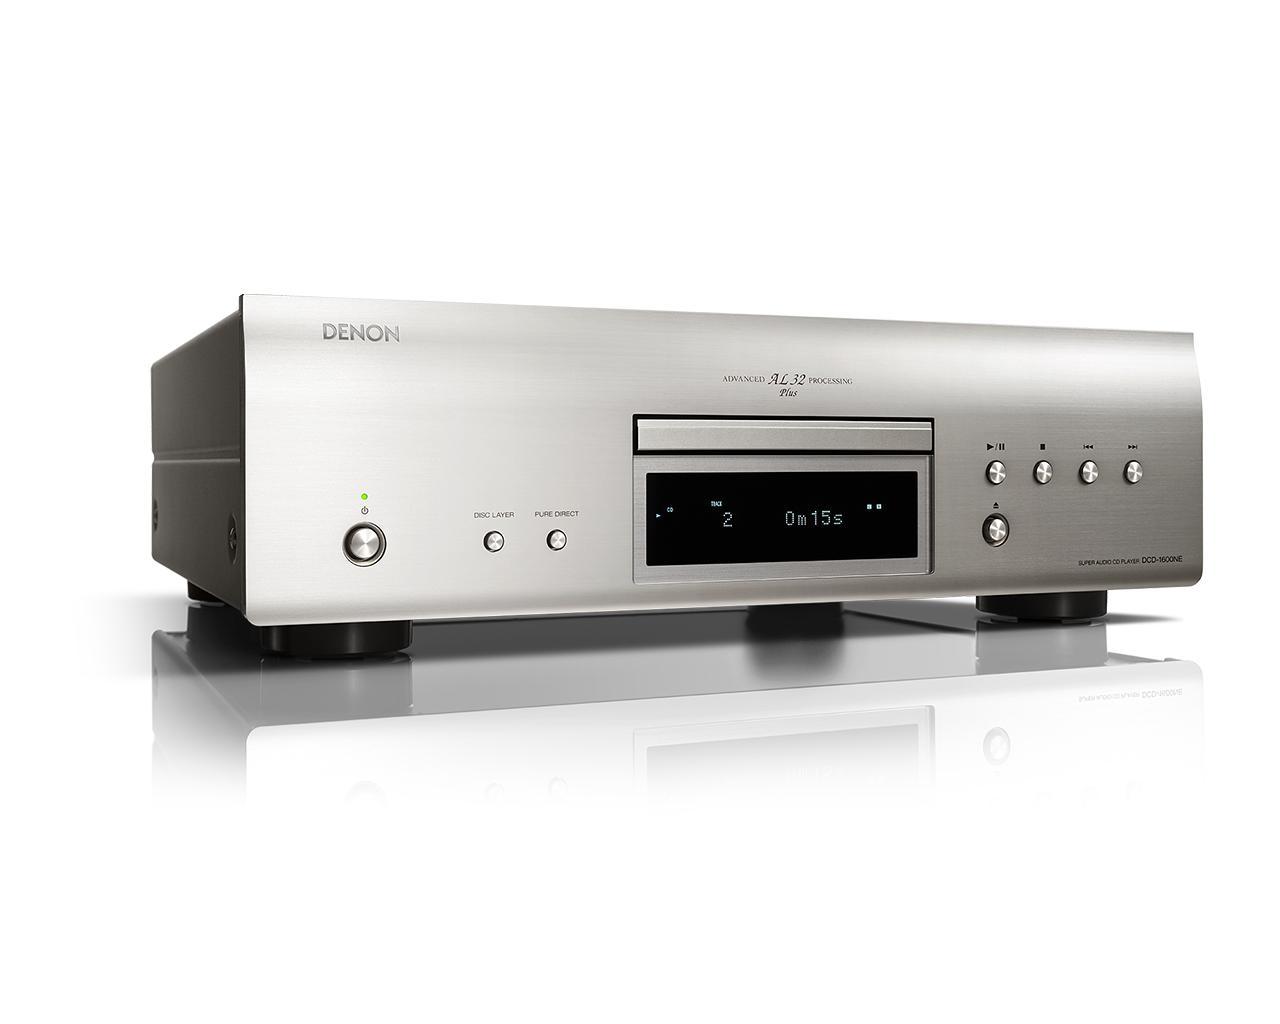 画像: Denon公式   DCD-1600NEの仕様・特長   スーパーオーディオCDプレーヤー